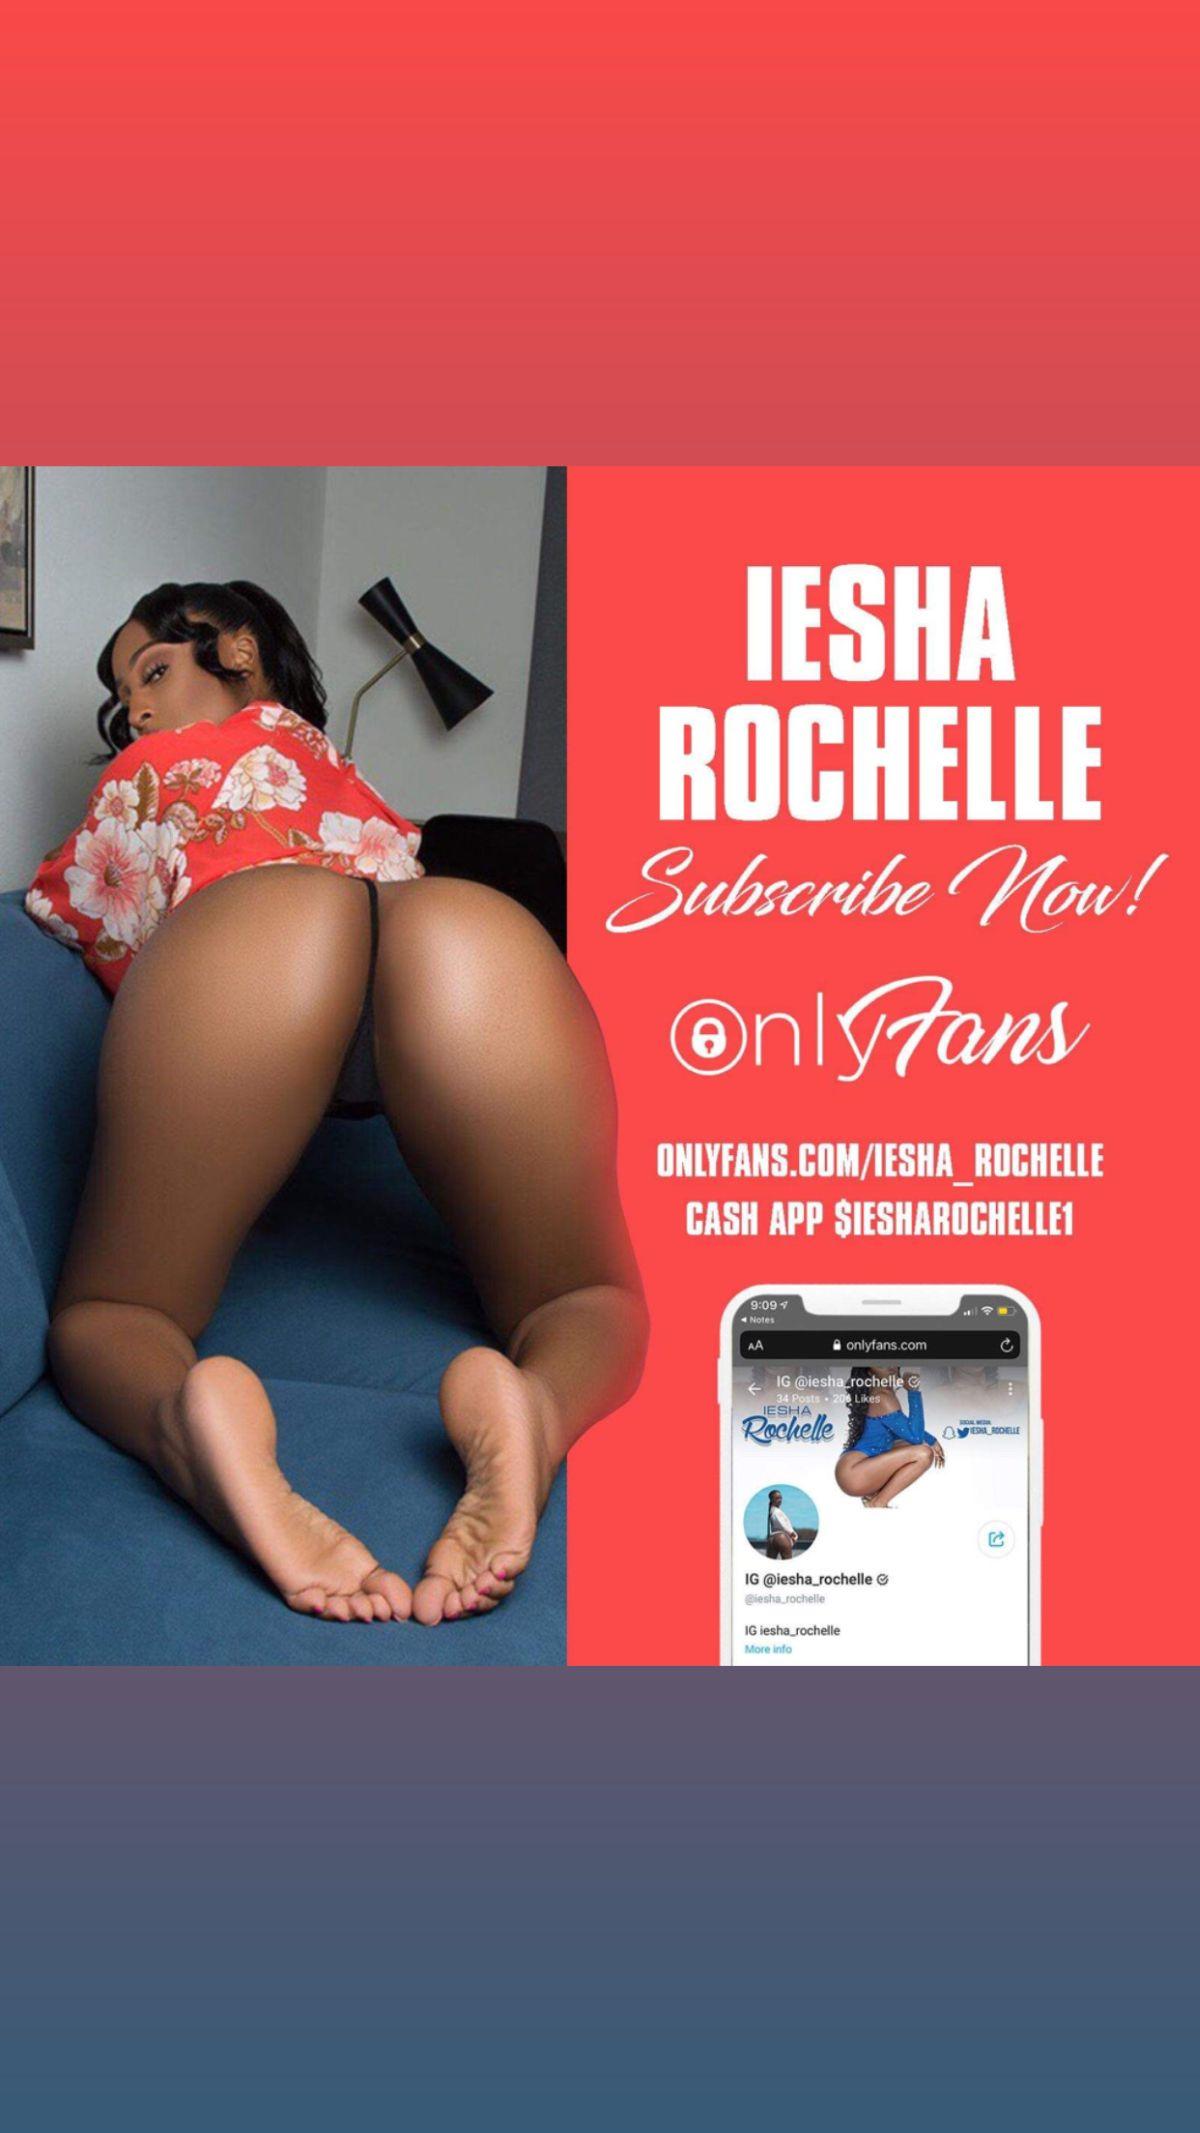 @iesha_rochelle